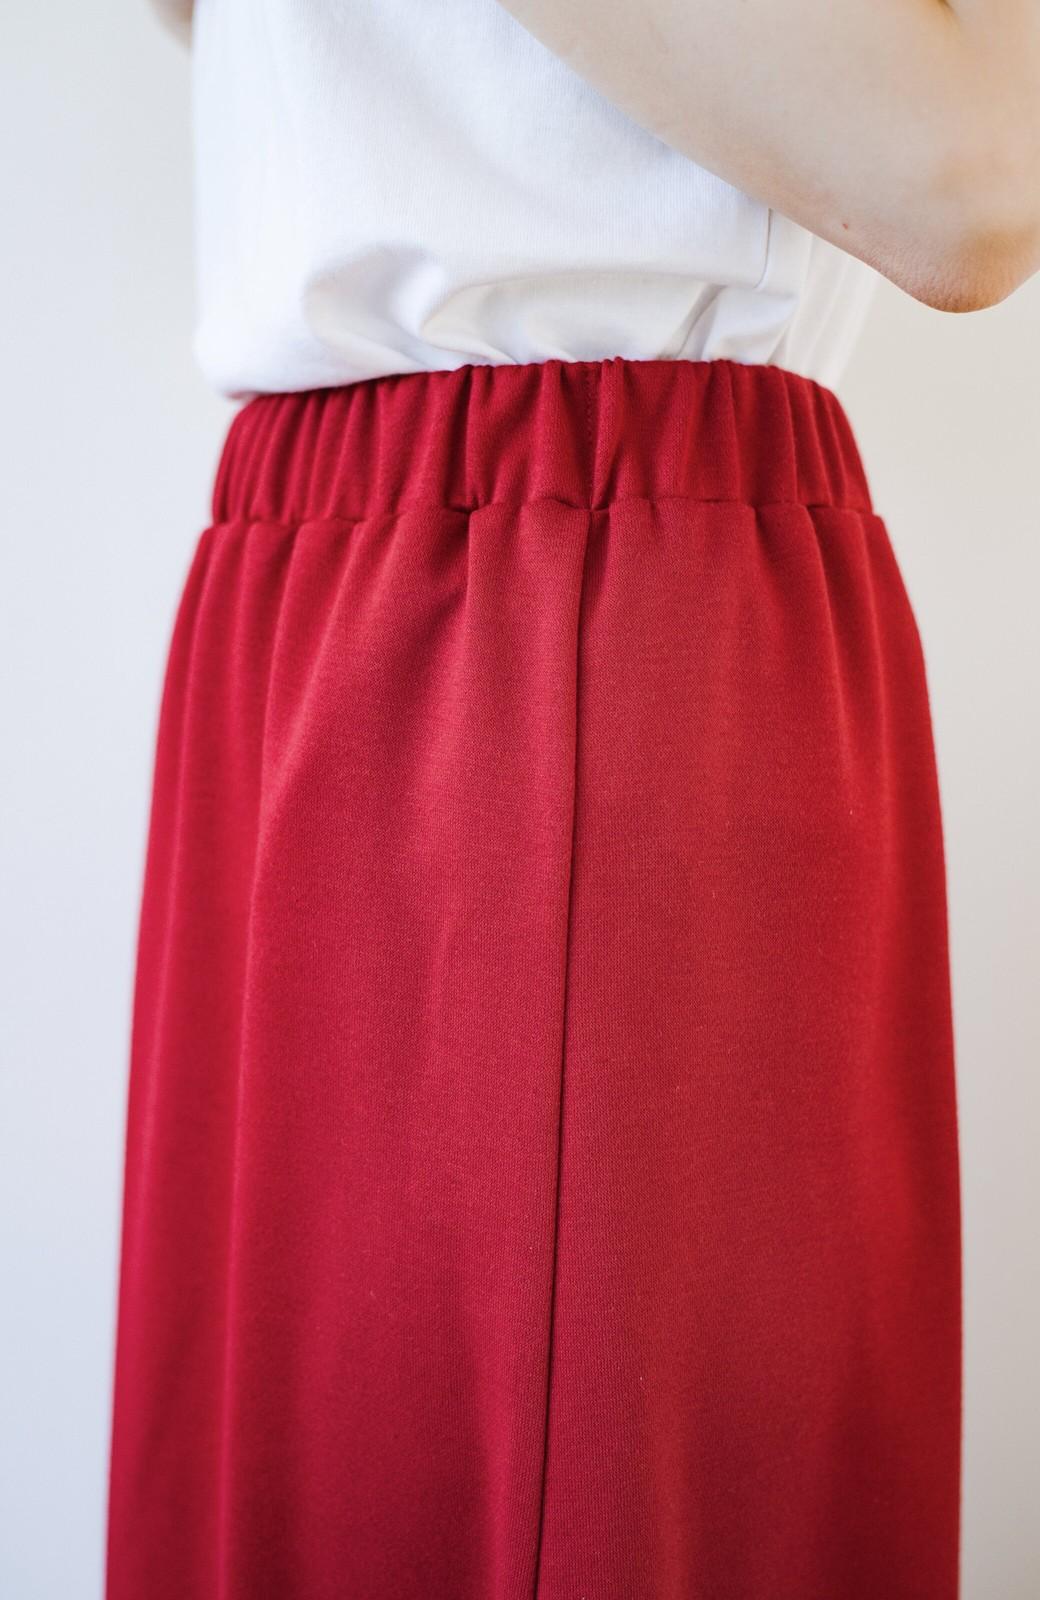 haco! 【洗濯機洗い可】日々に彩りをプラス!おしゃれ度と気分を上げてくれる綺麗色スカート <レッド>の商品写真12